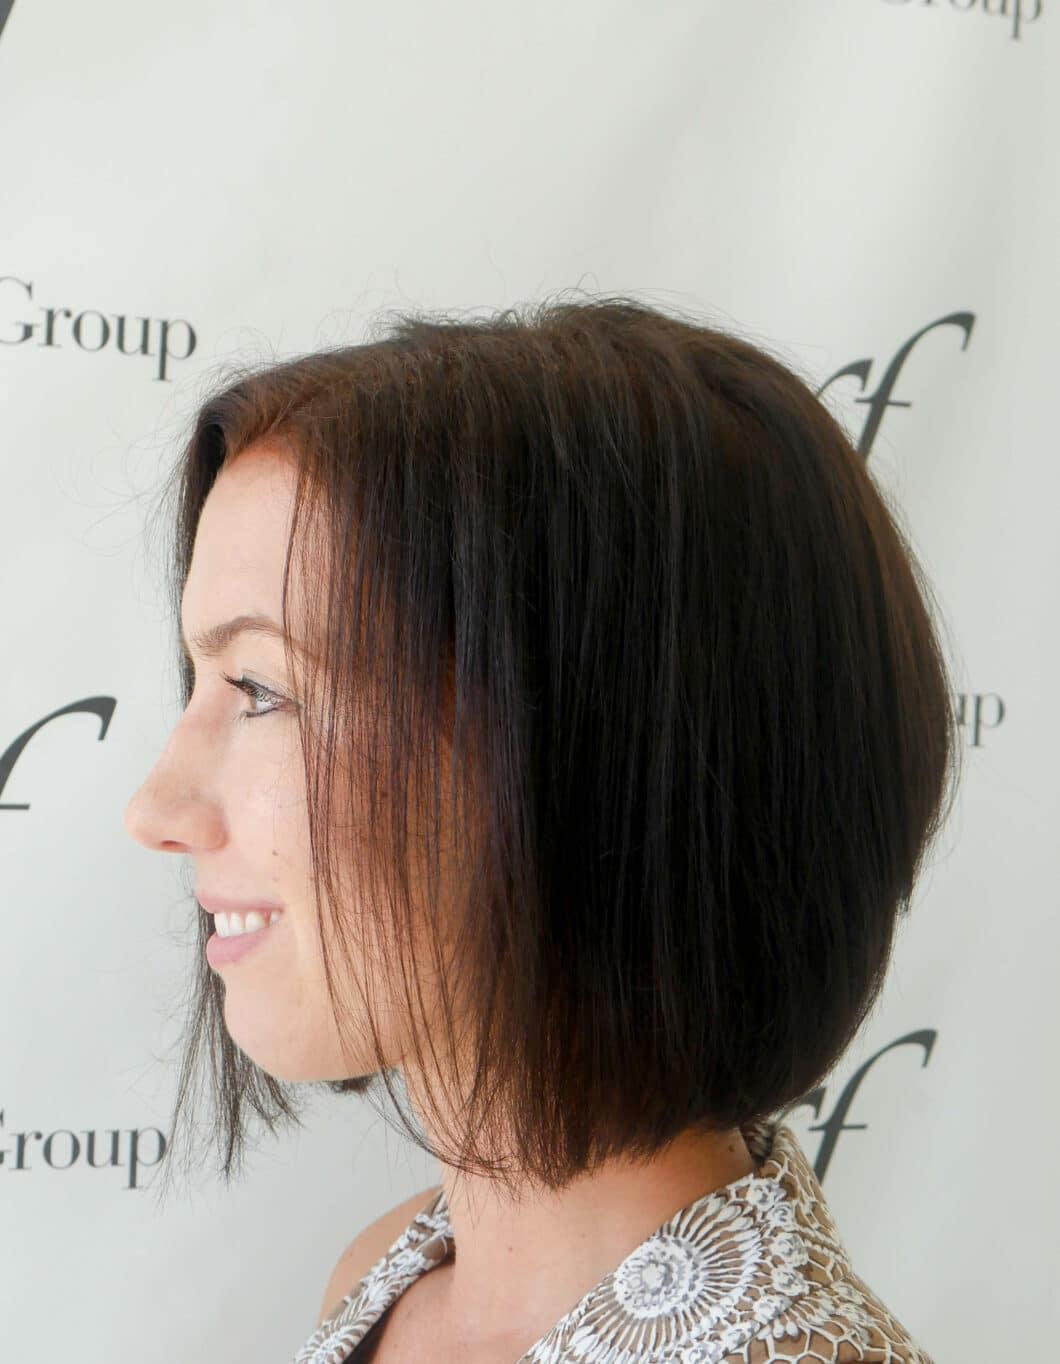 Marie-France Group hair